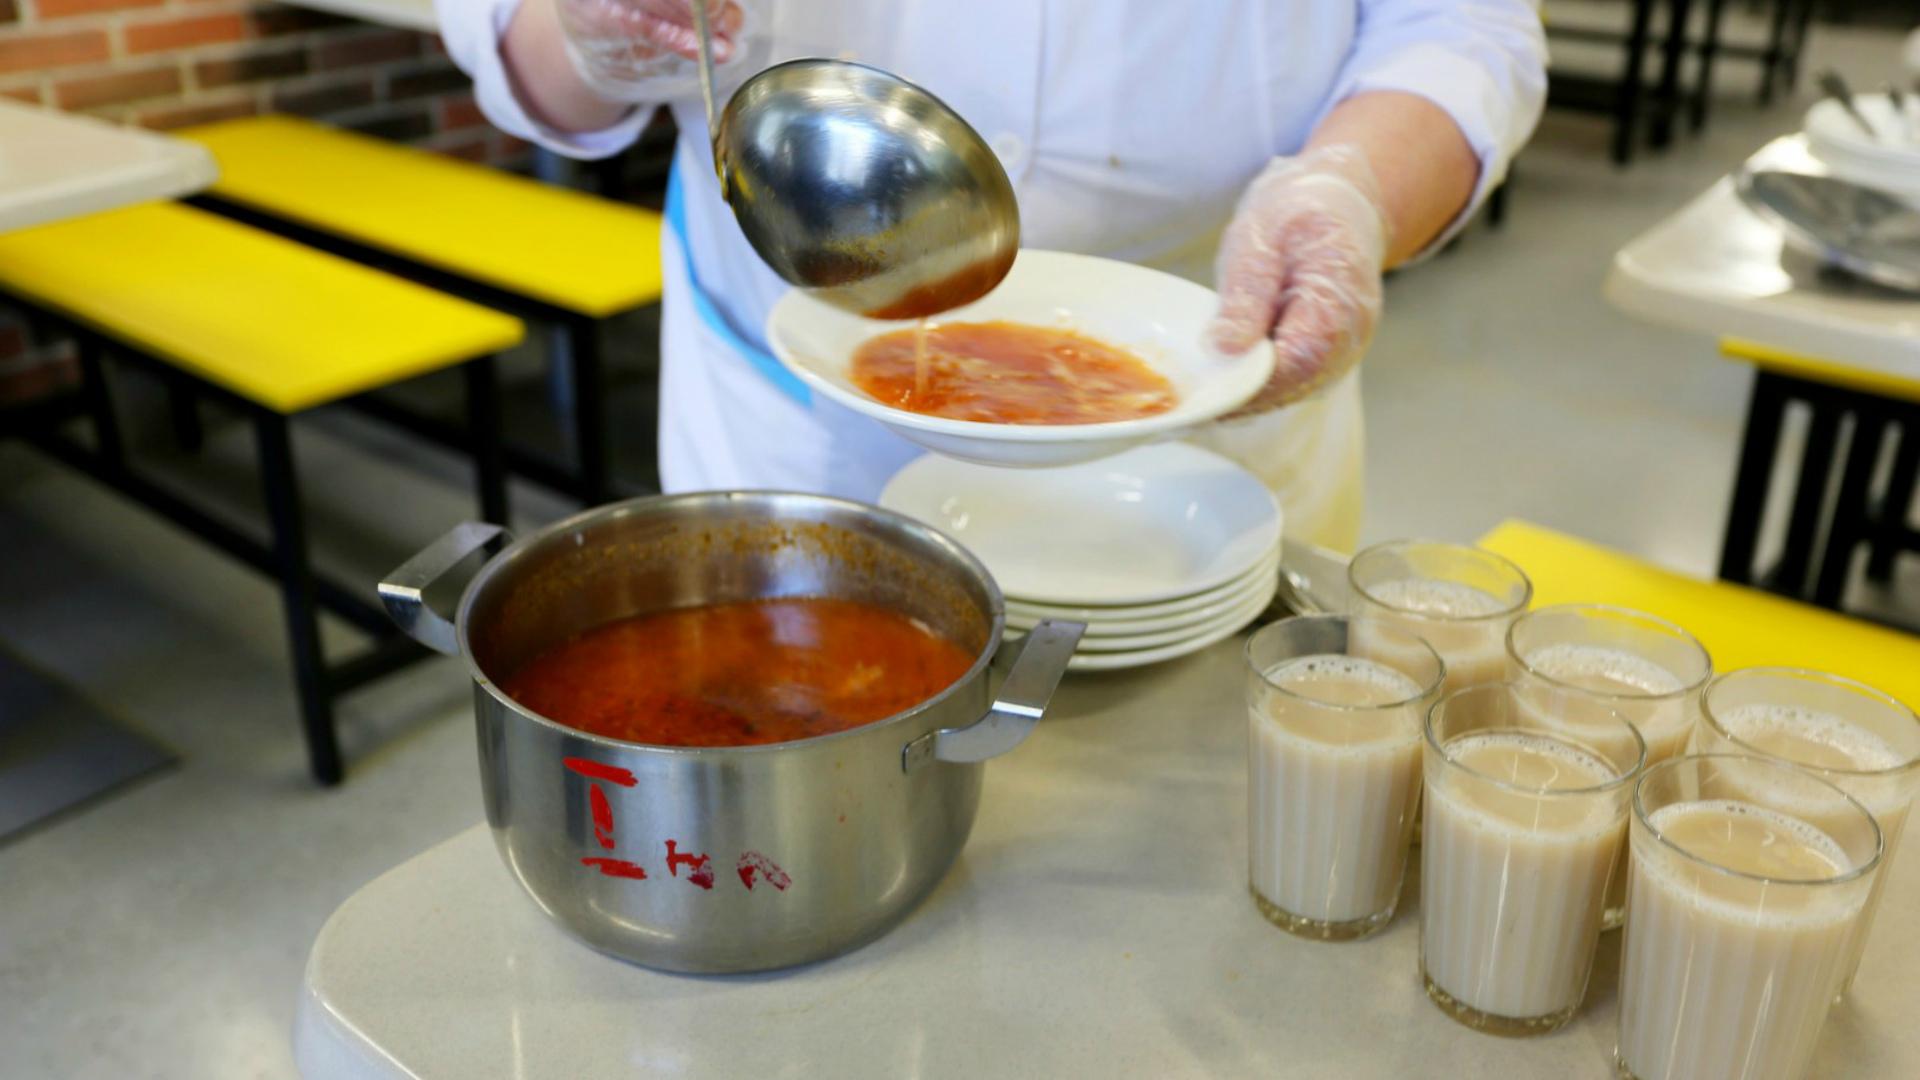 В Кирсе следователи устанавливают обстоятельства пищевого отравления 20 школьников.